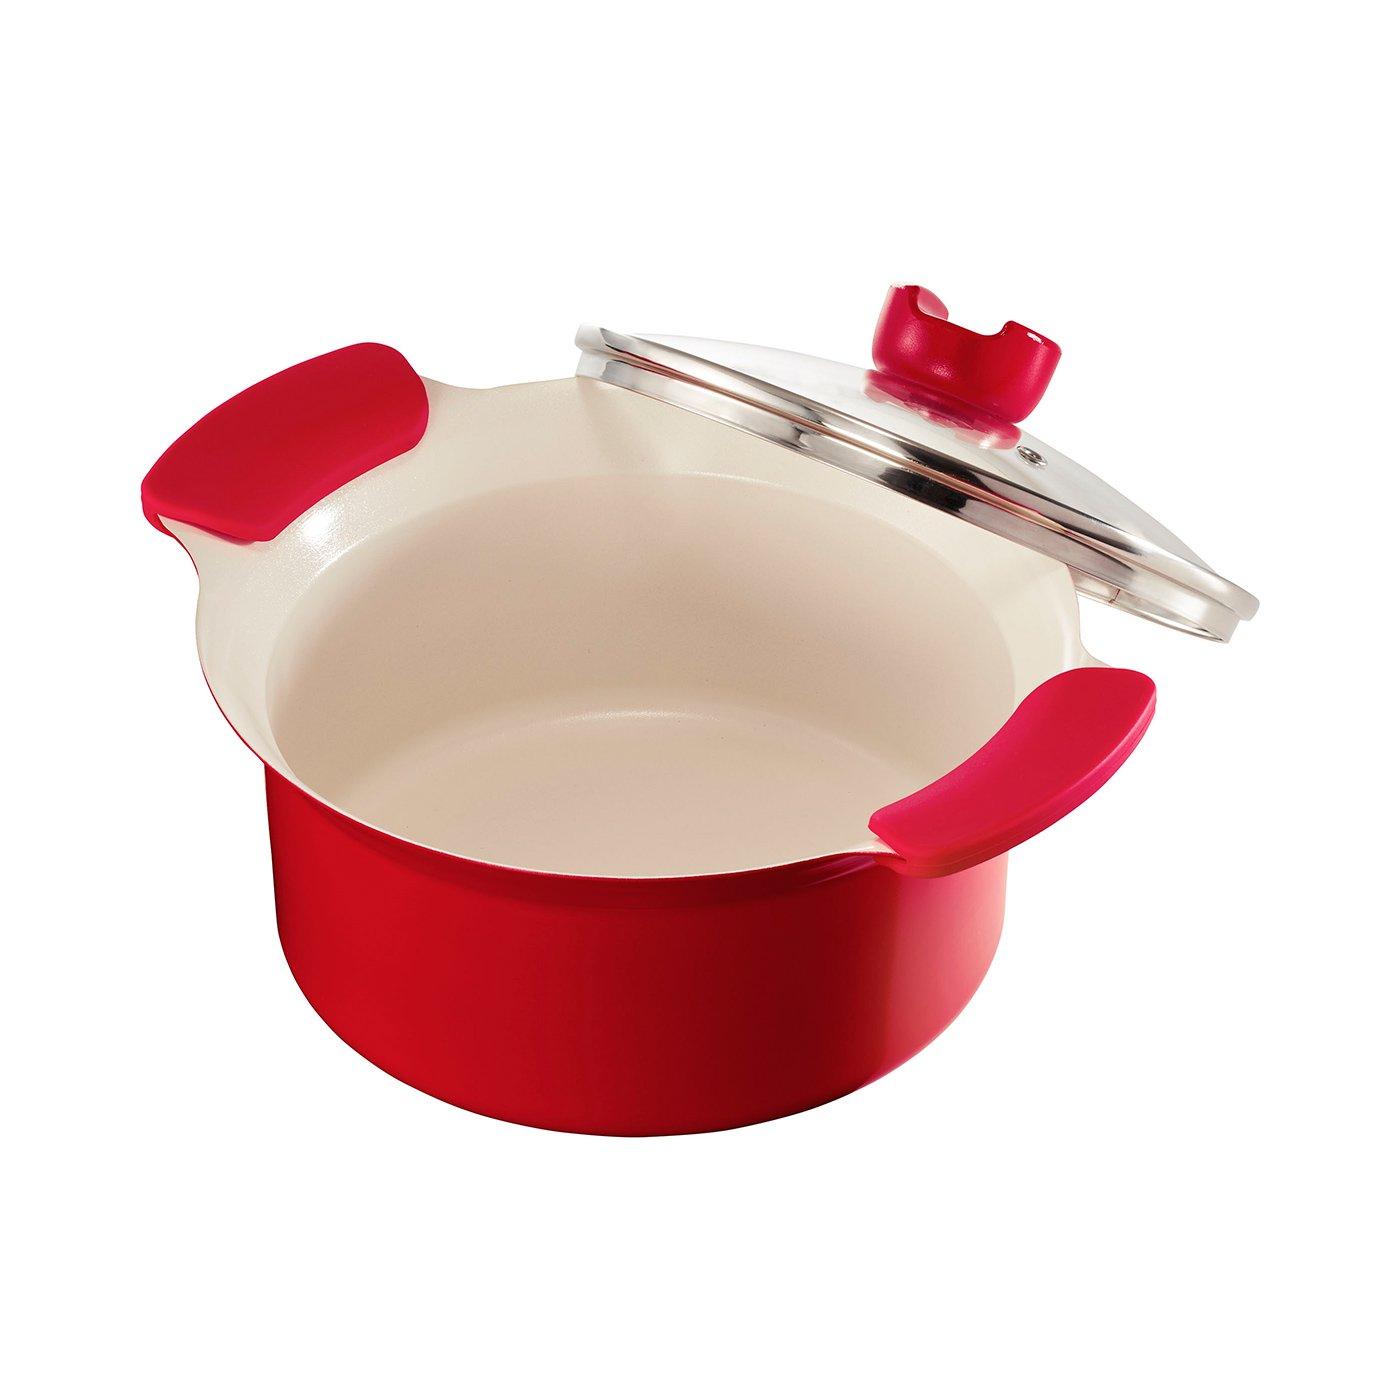 吹きこぼれにくい鍋ふち安心設計 ガス火でもIHでも使える赤色両手鍋〈20cm〉